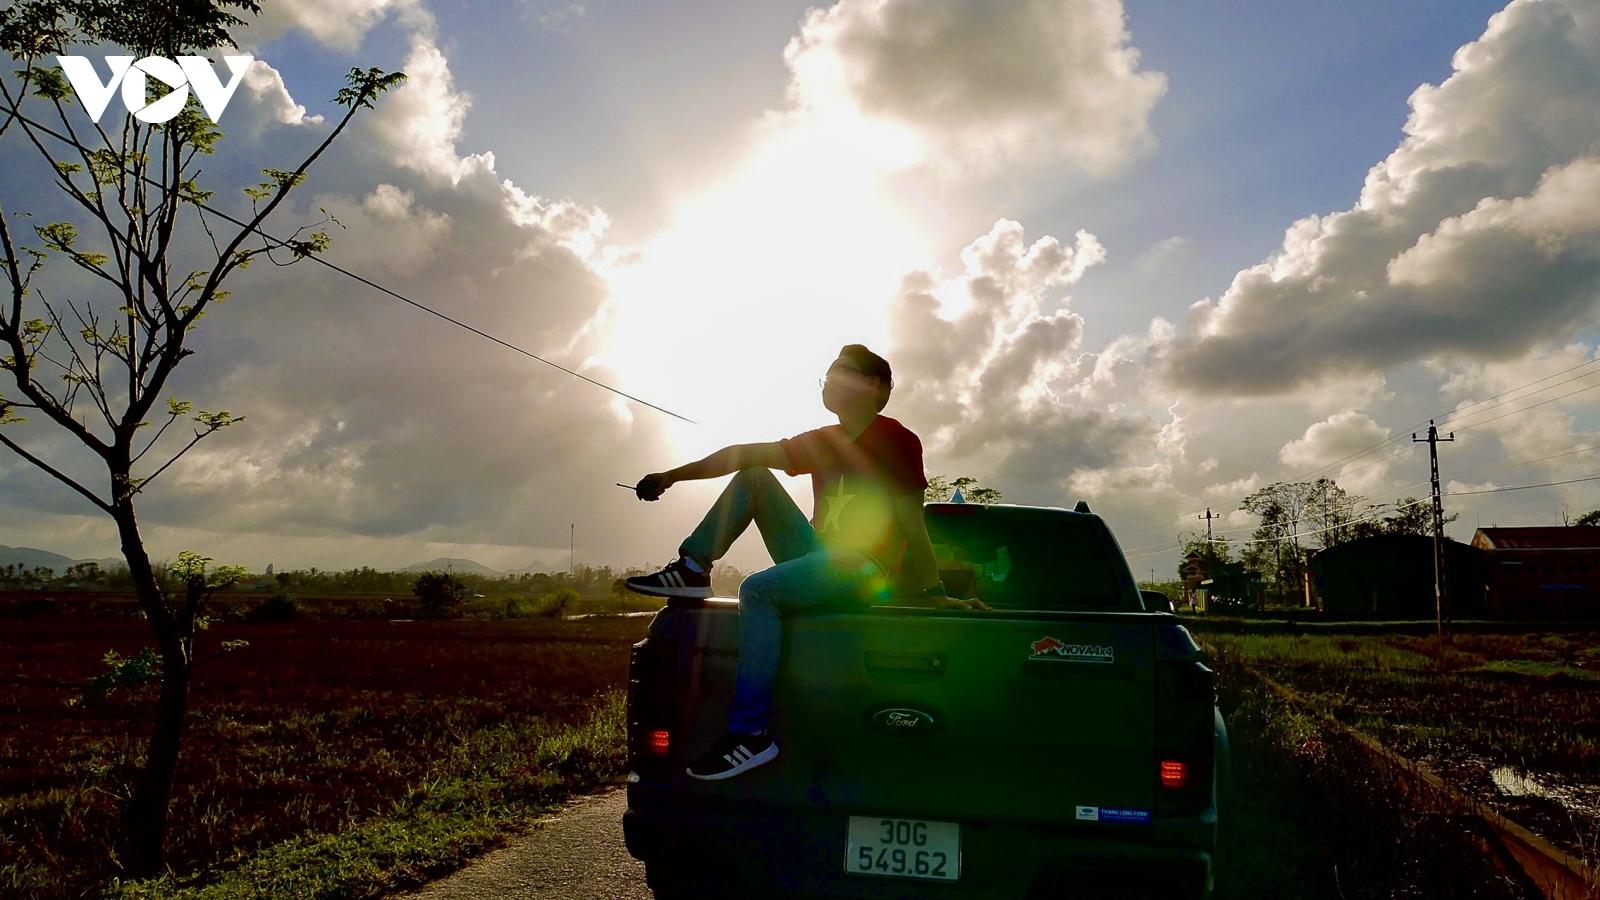 Khám phá miền Trung với những trải nghiệm đắt giá trên hành trình caravan